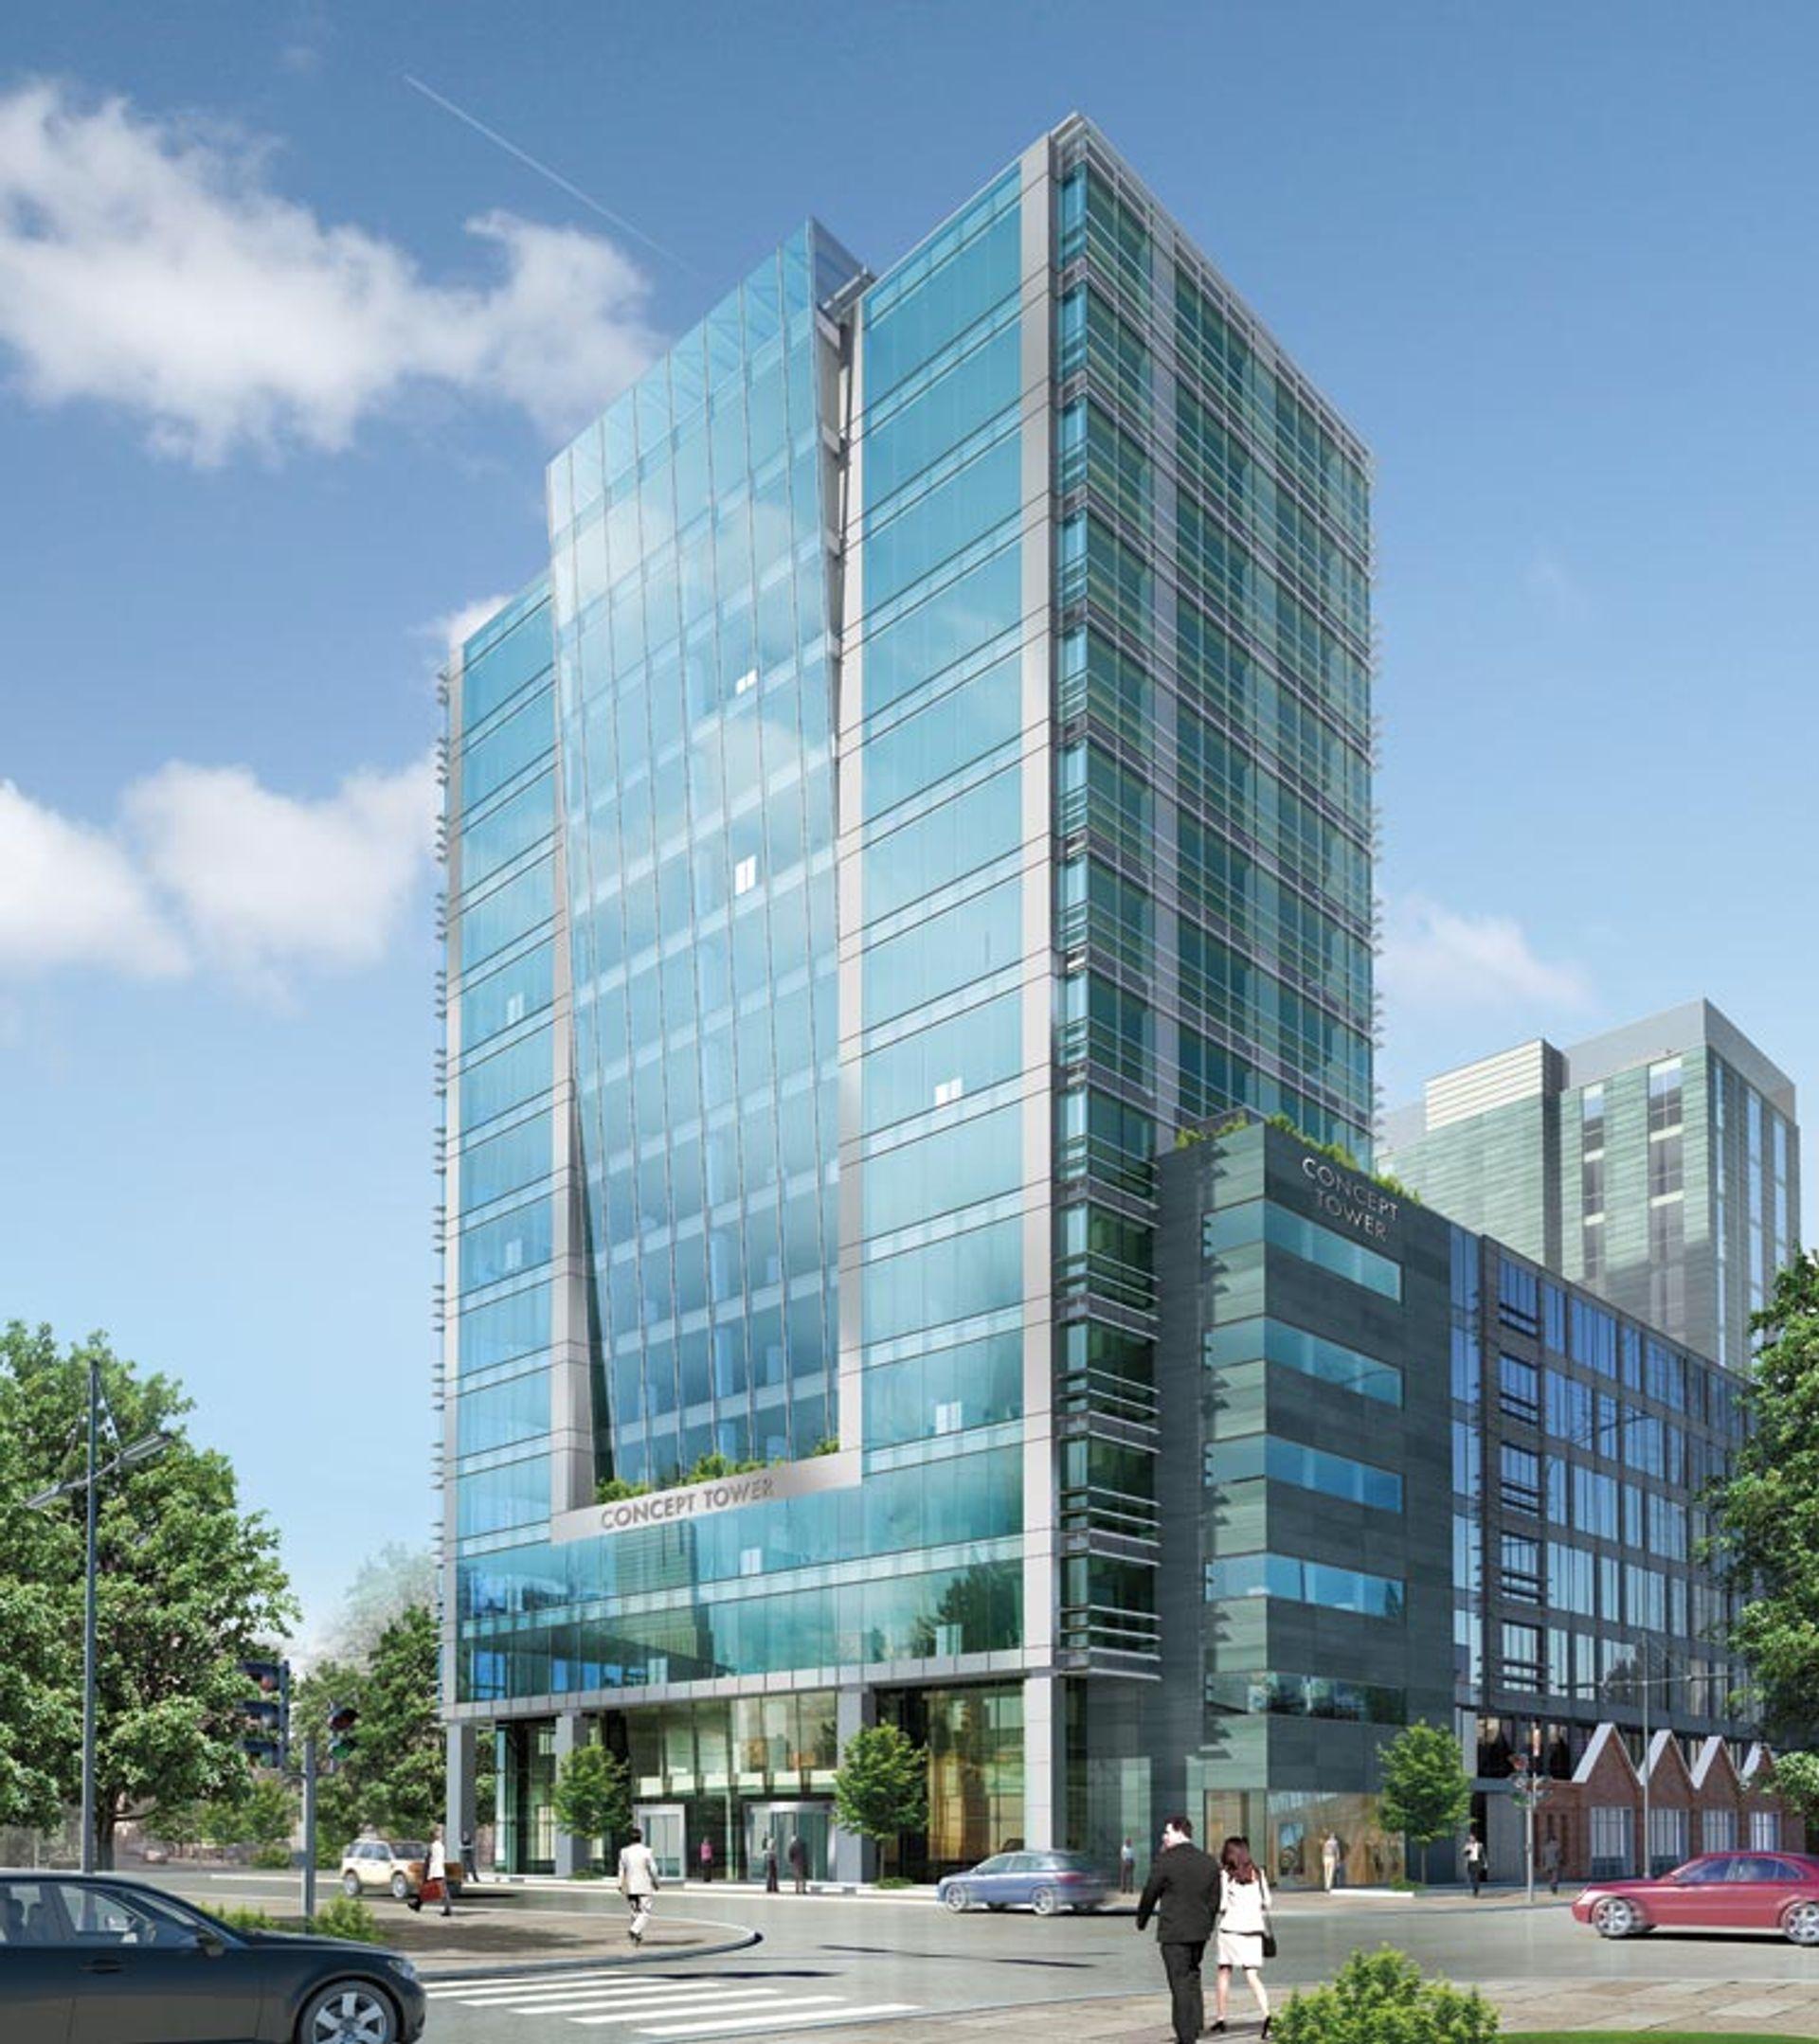 [Warszawa] Concept Tower pierwszym budynkiem biurowym w Polsce z podwójną certyfikacją LEED i BREEAM